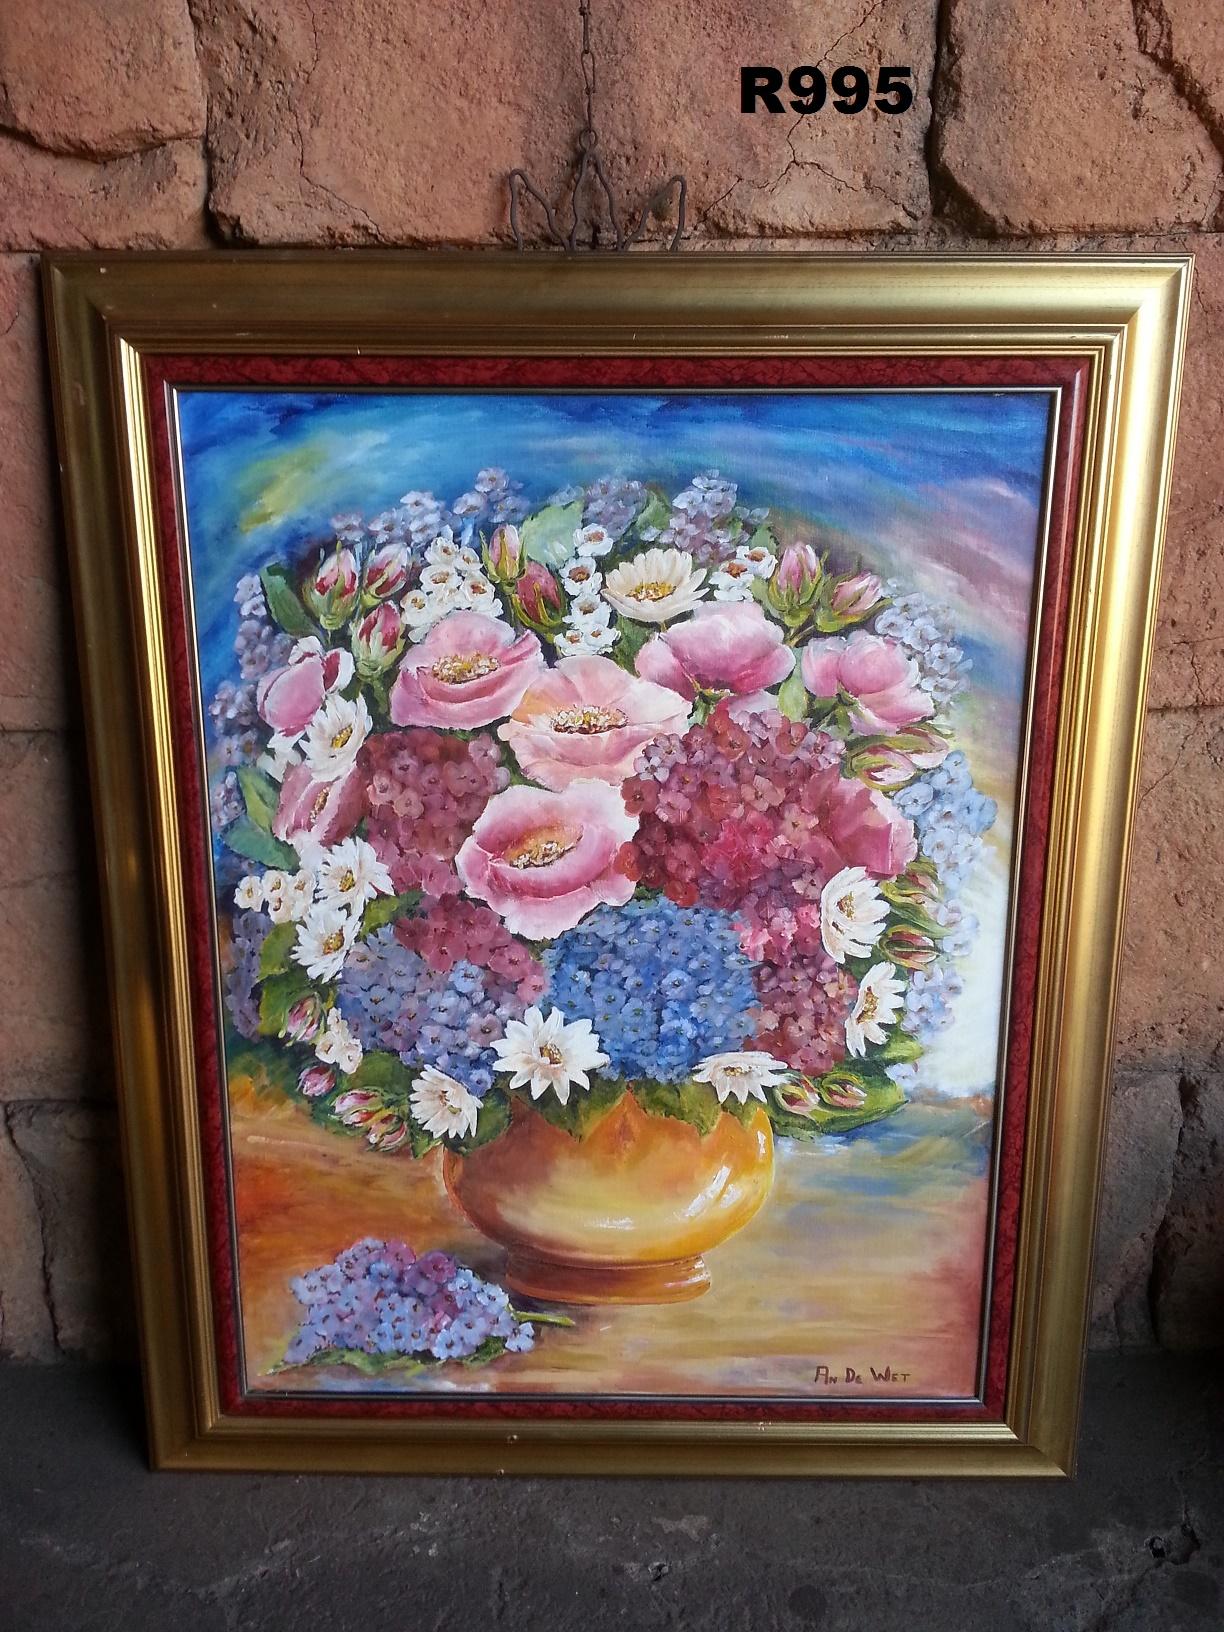 Original An de Wet Oil Painting (790x980)